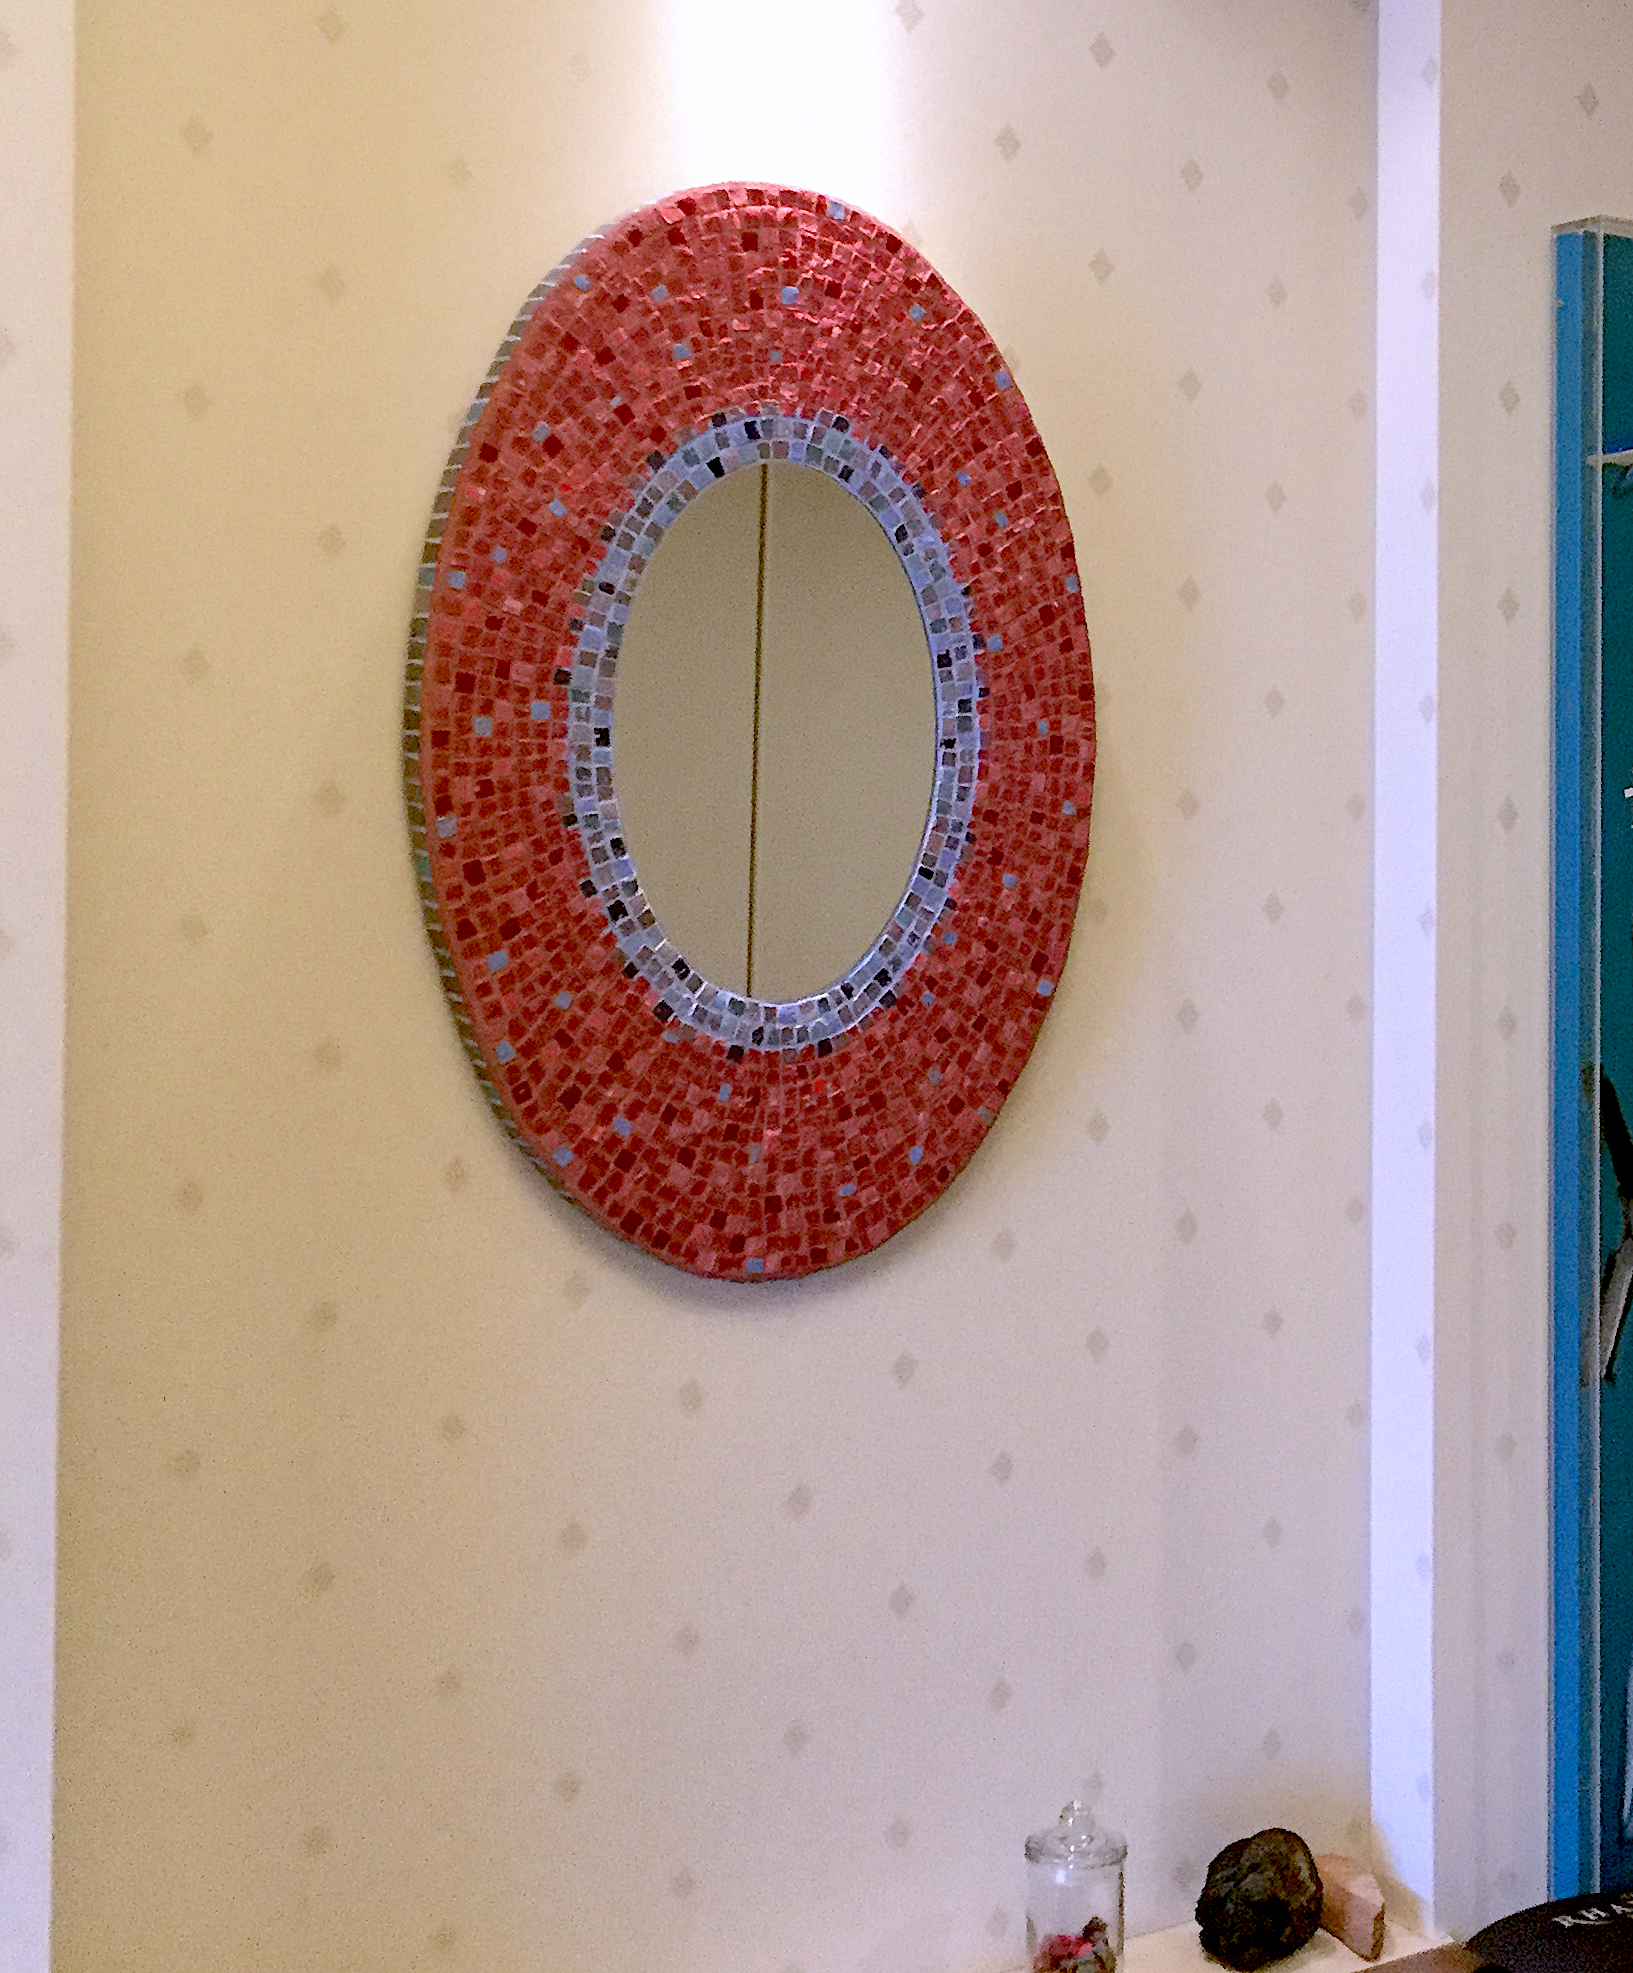 楕円形 壁飾り装飾ミラー